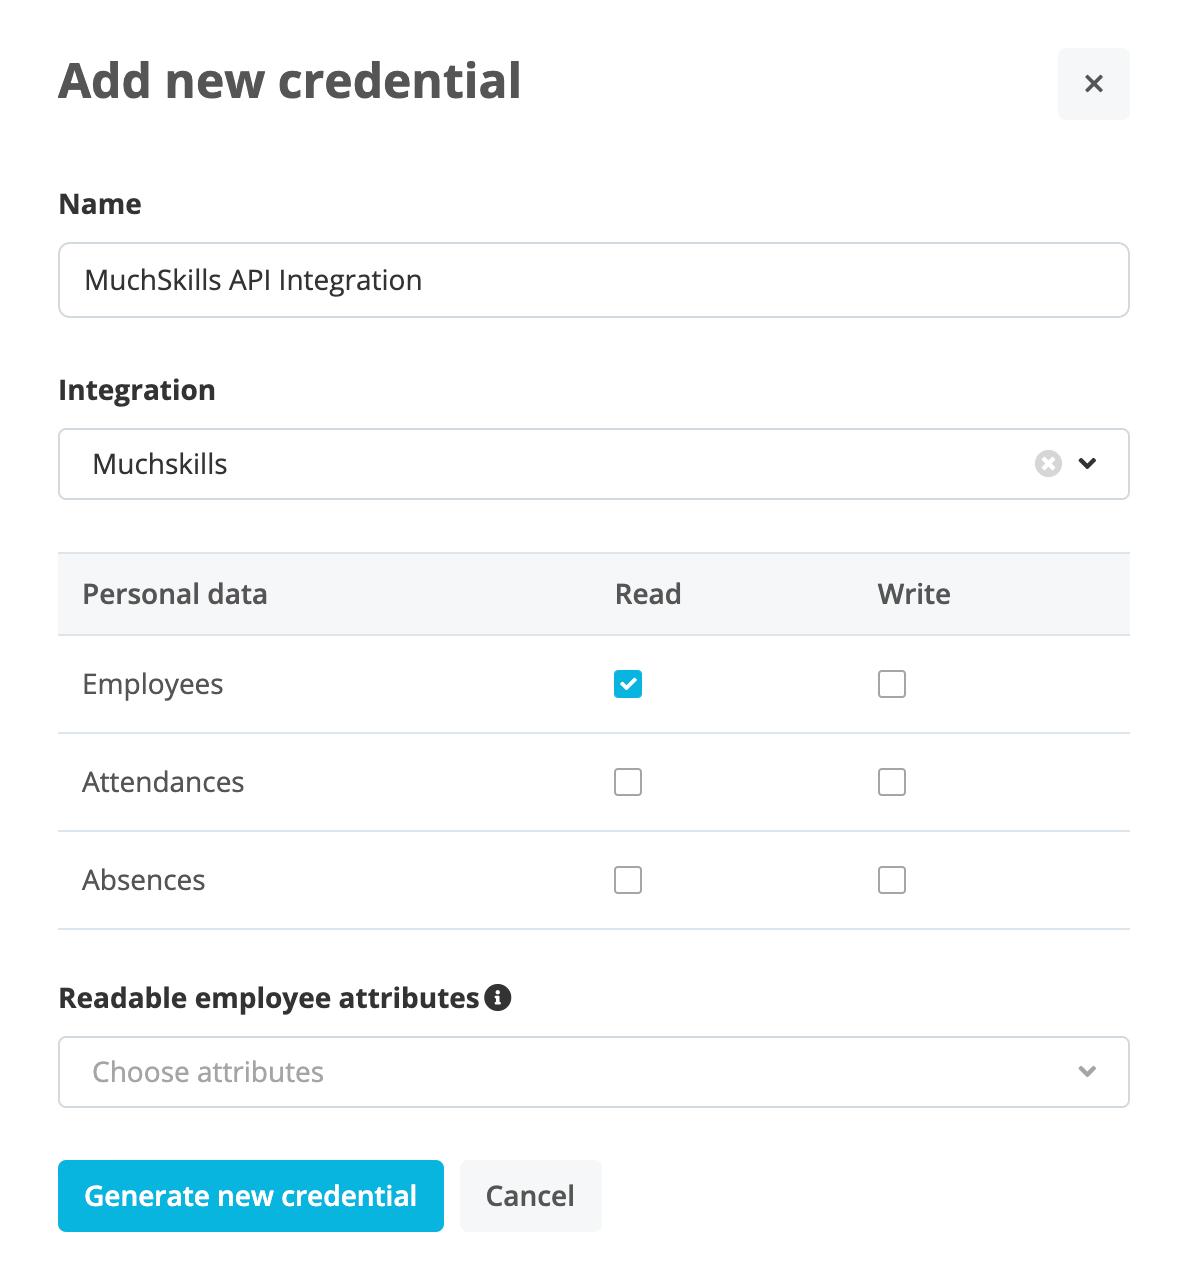 MuchSkills - Personio Integration Guide API Credentials